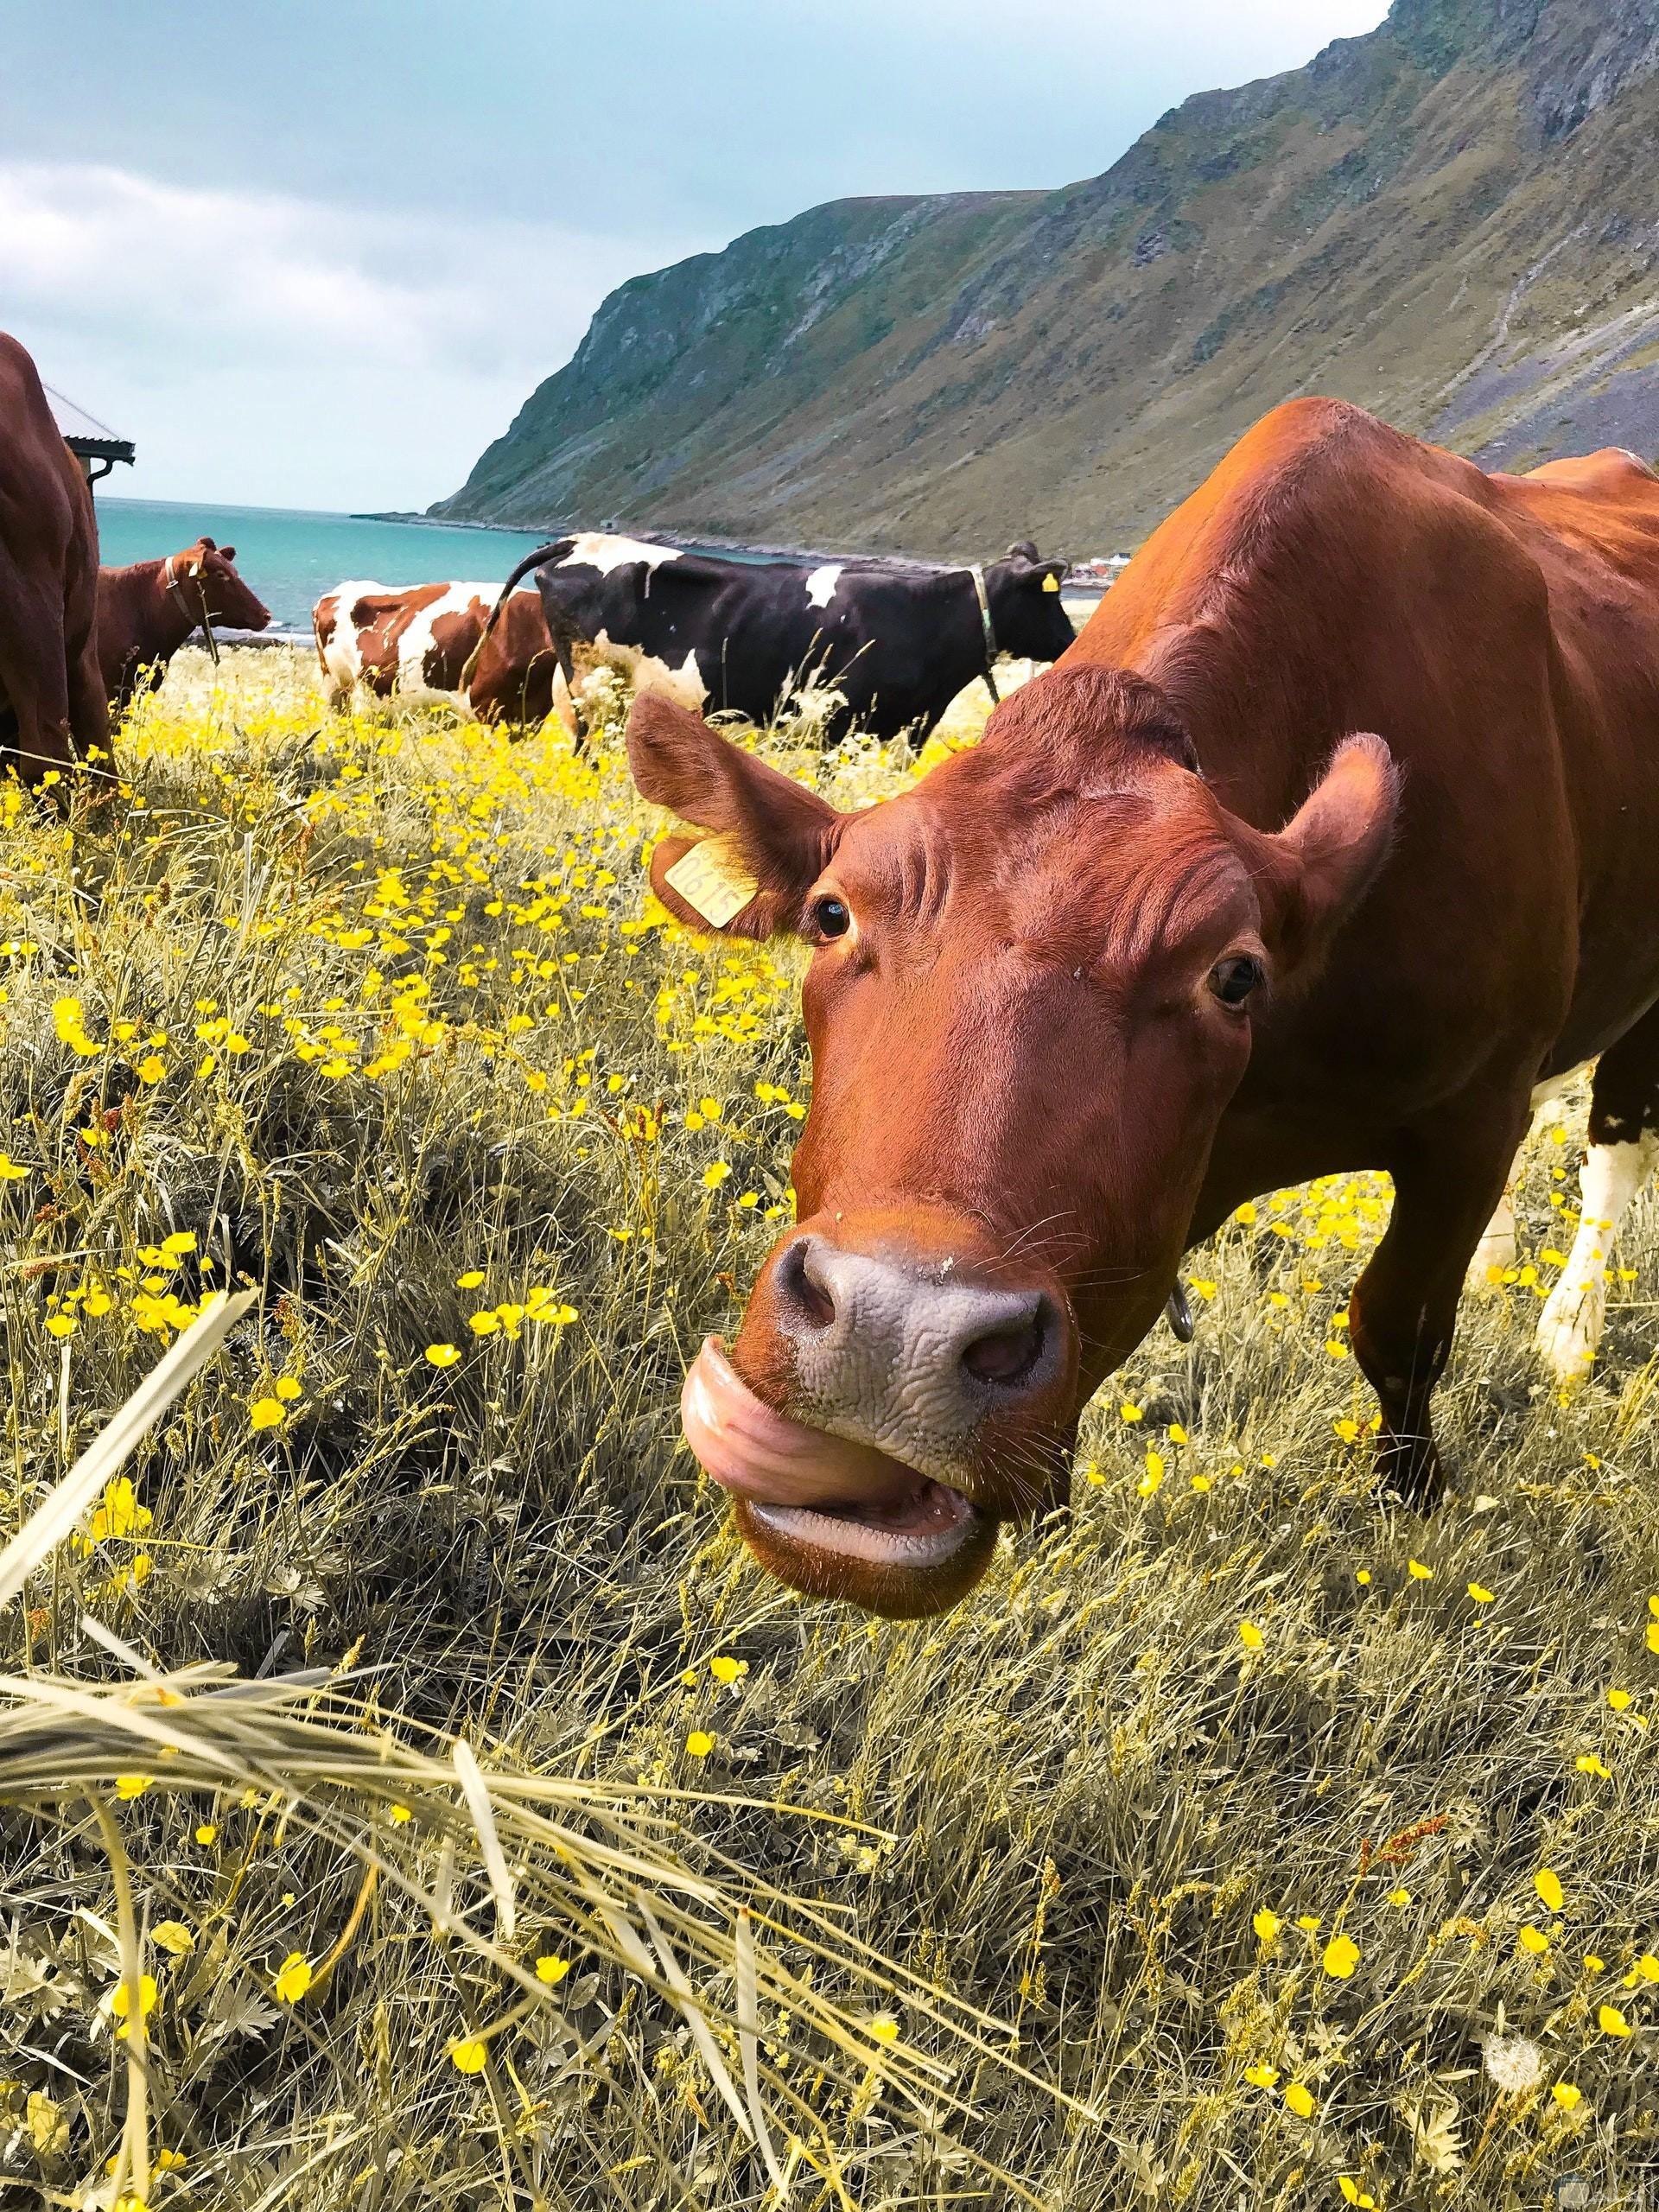 صورة كوميدية لبقرة مضحكة جدا مع تعابير وجهها